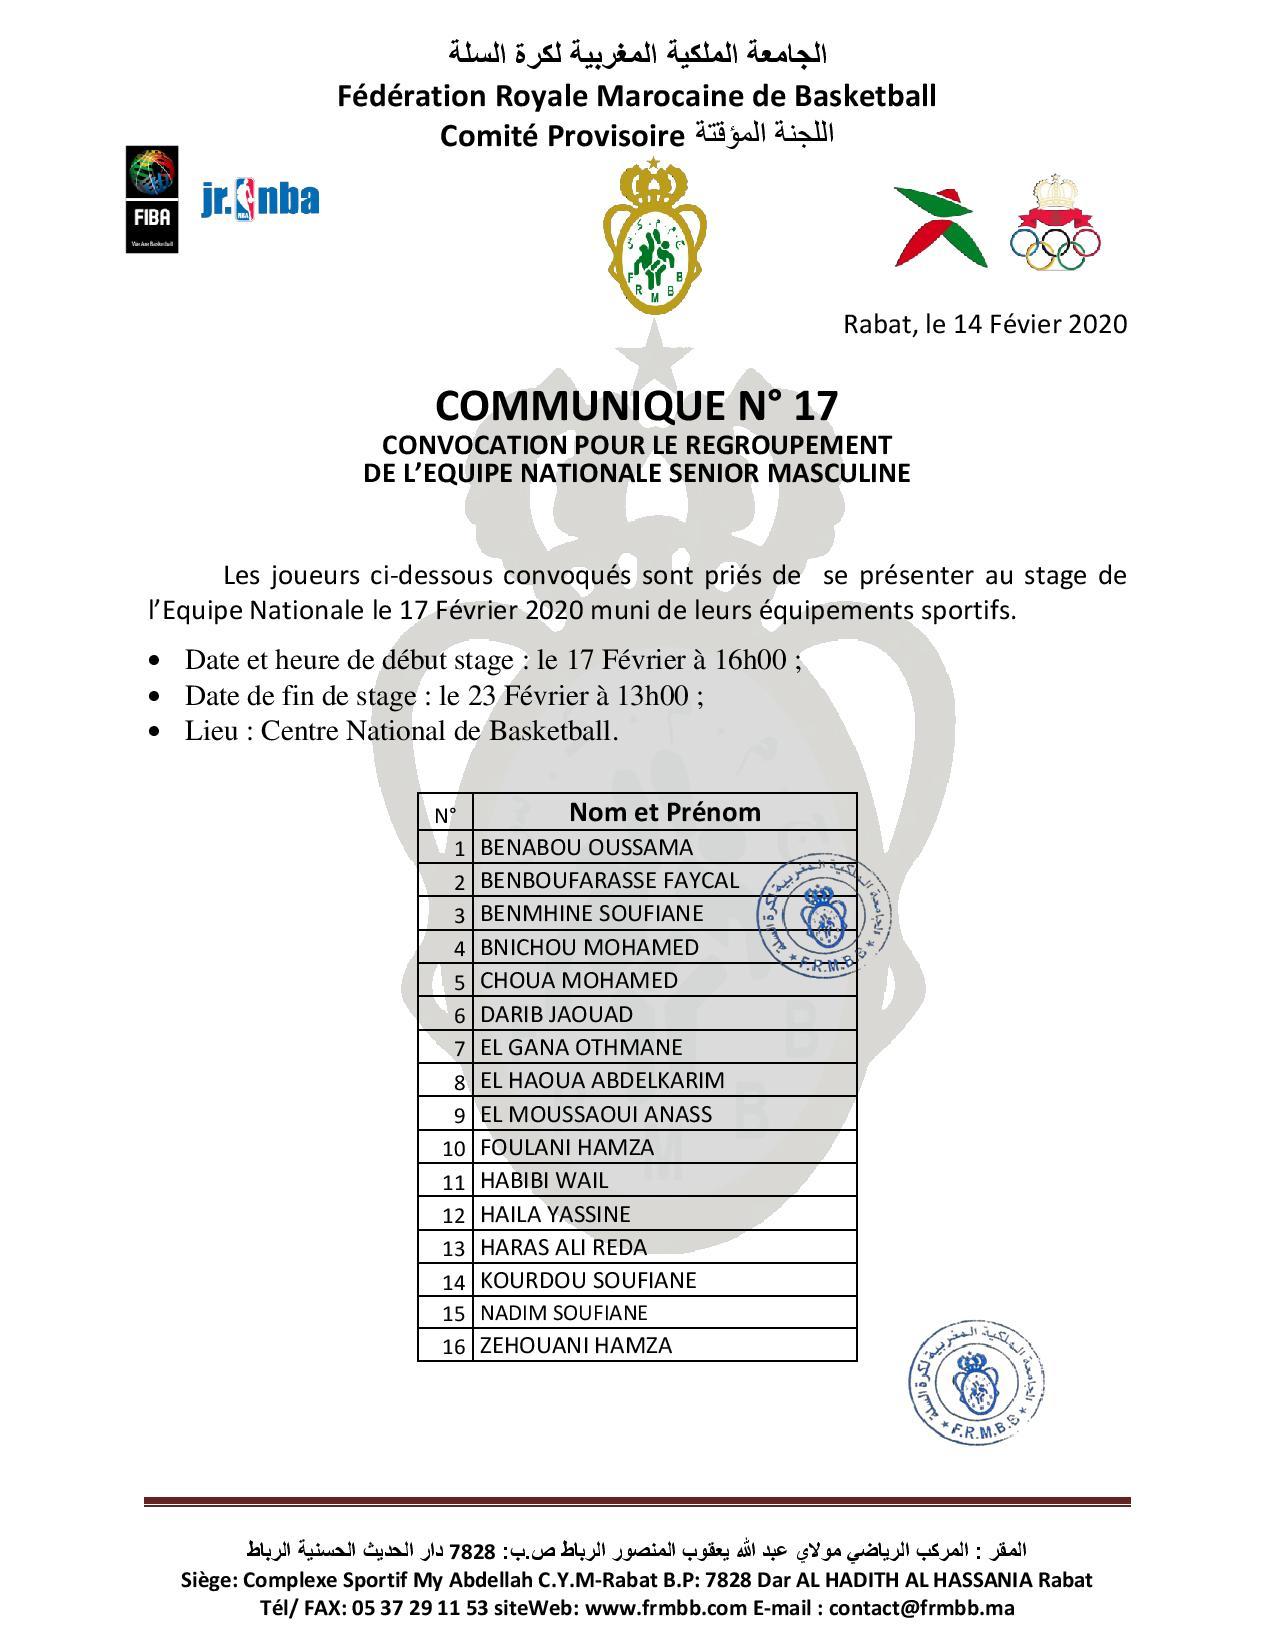 Communique 17